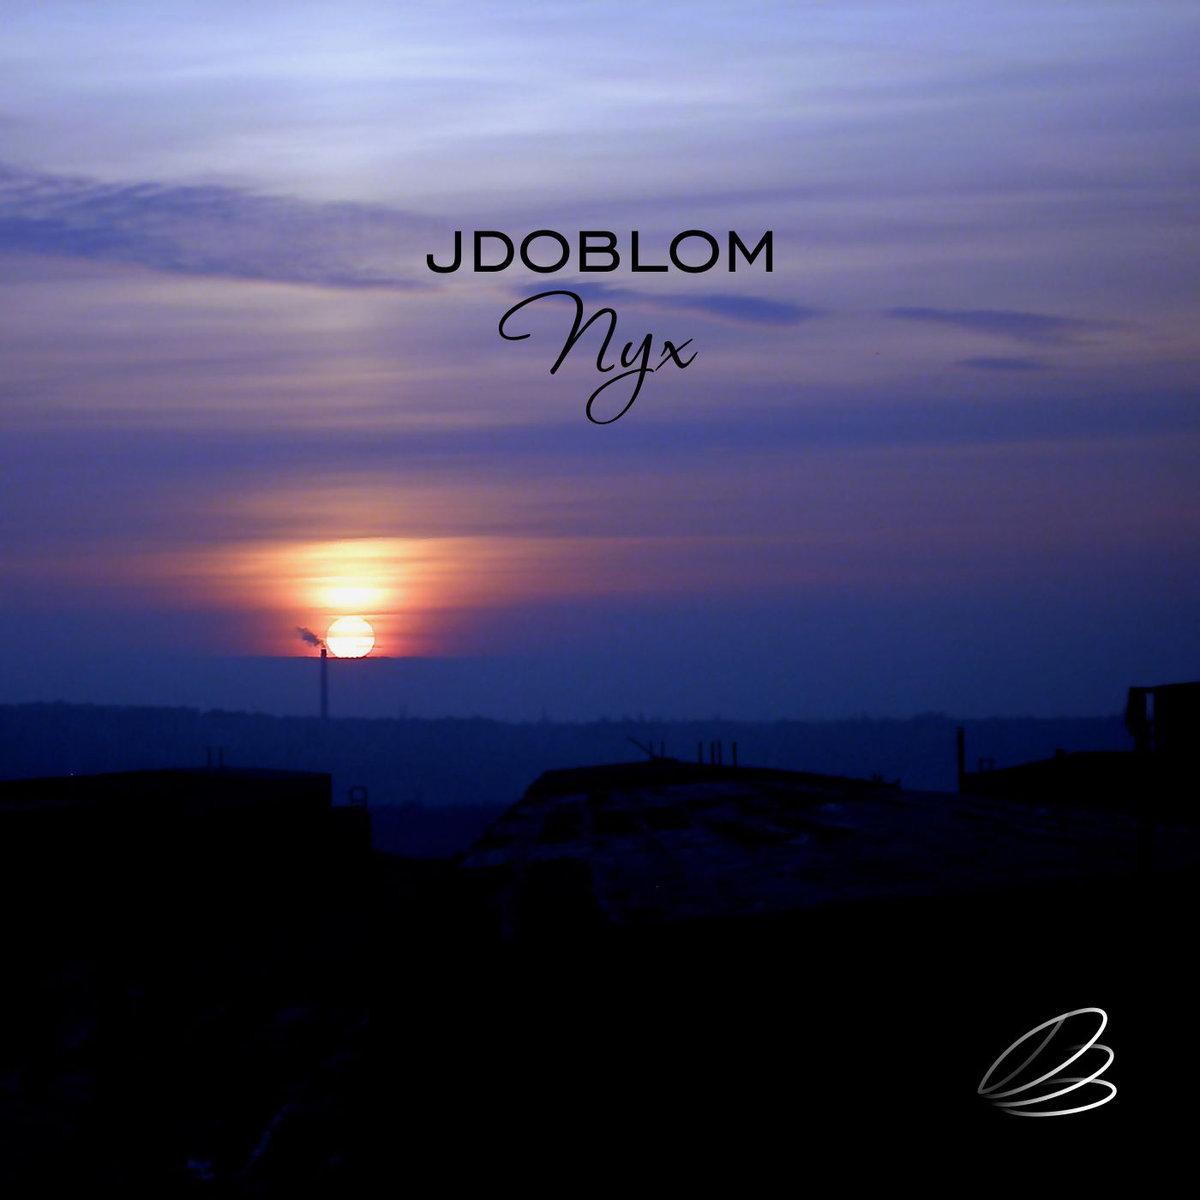 jdoblom - Nyx